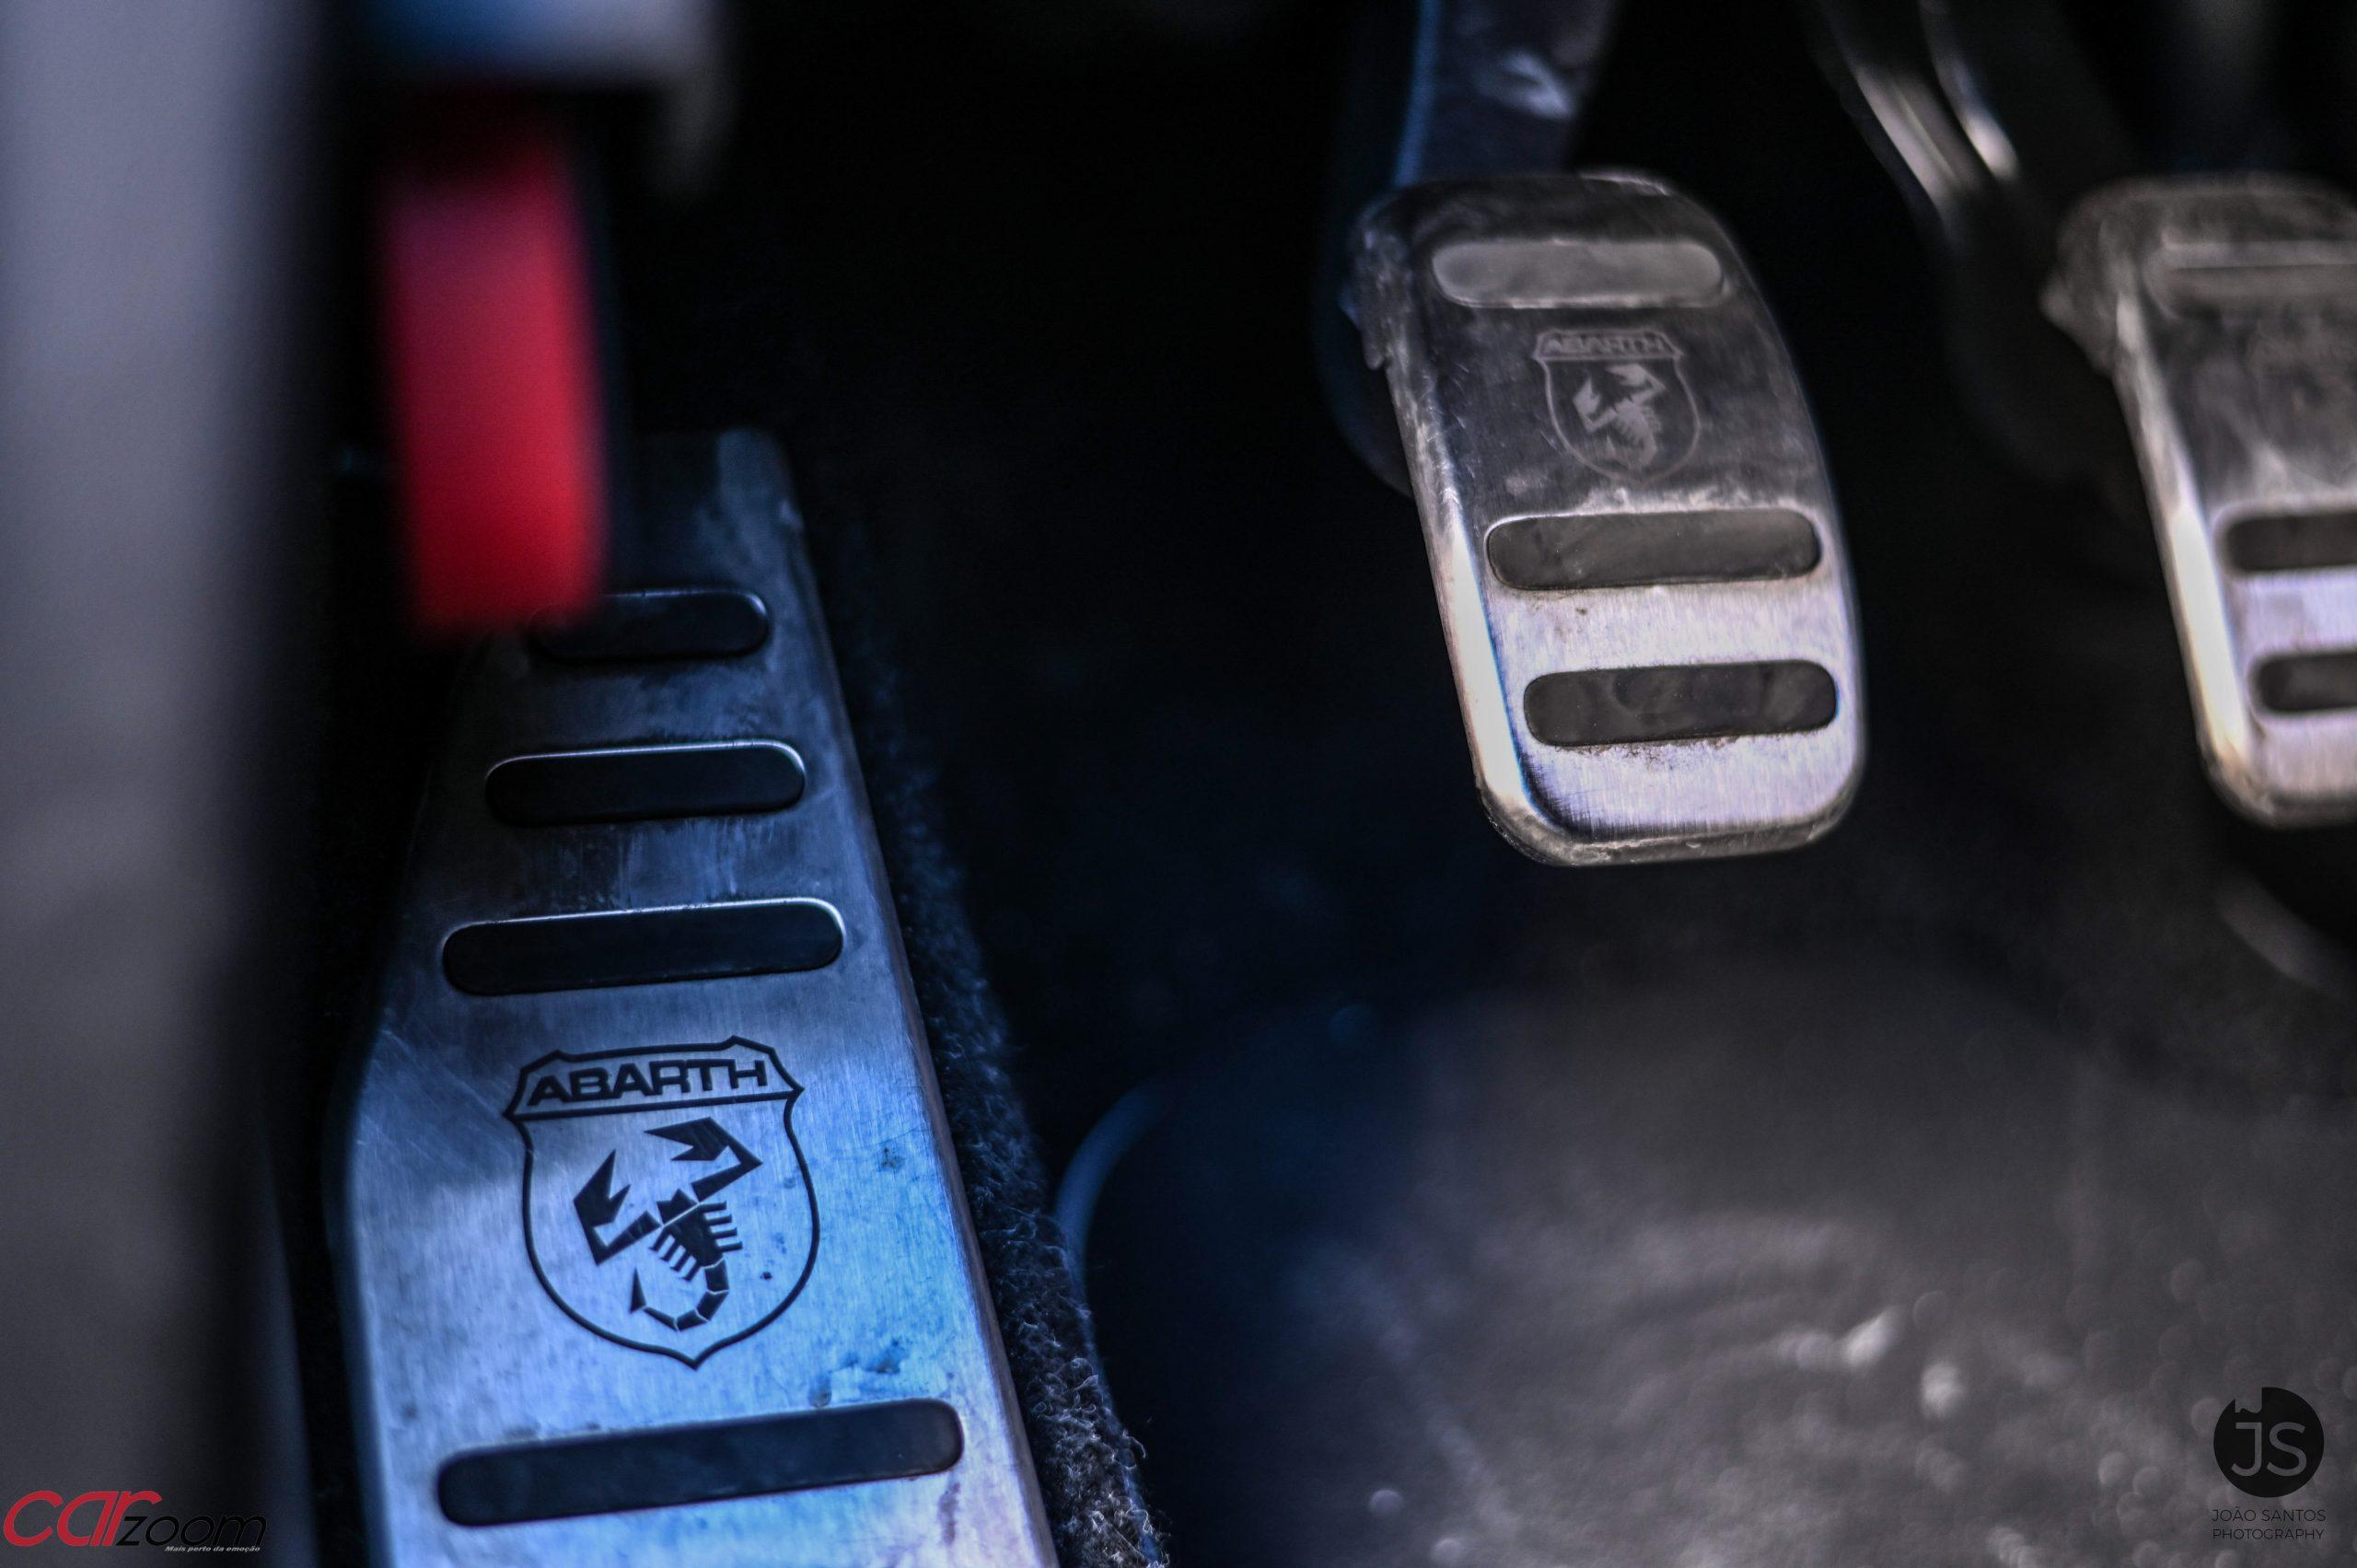 Ensaiámos o Abarth 595 Yamaha com a ajuda da Madalena Simões piloto da Yamaha Motor 7! 33